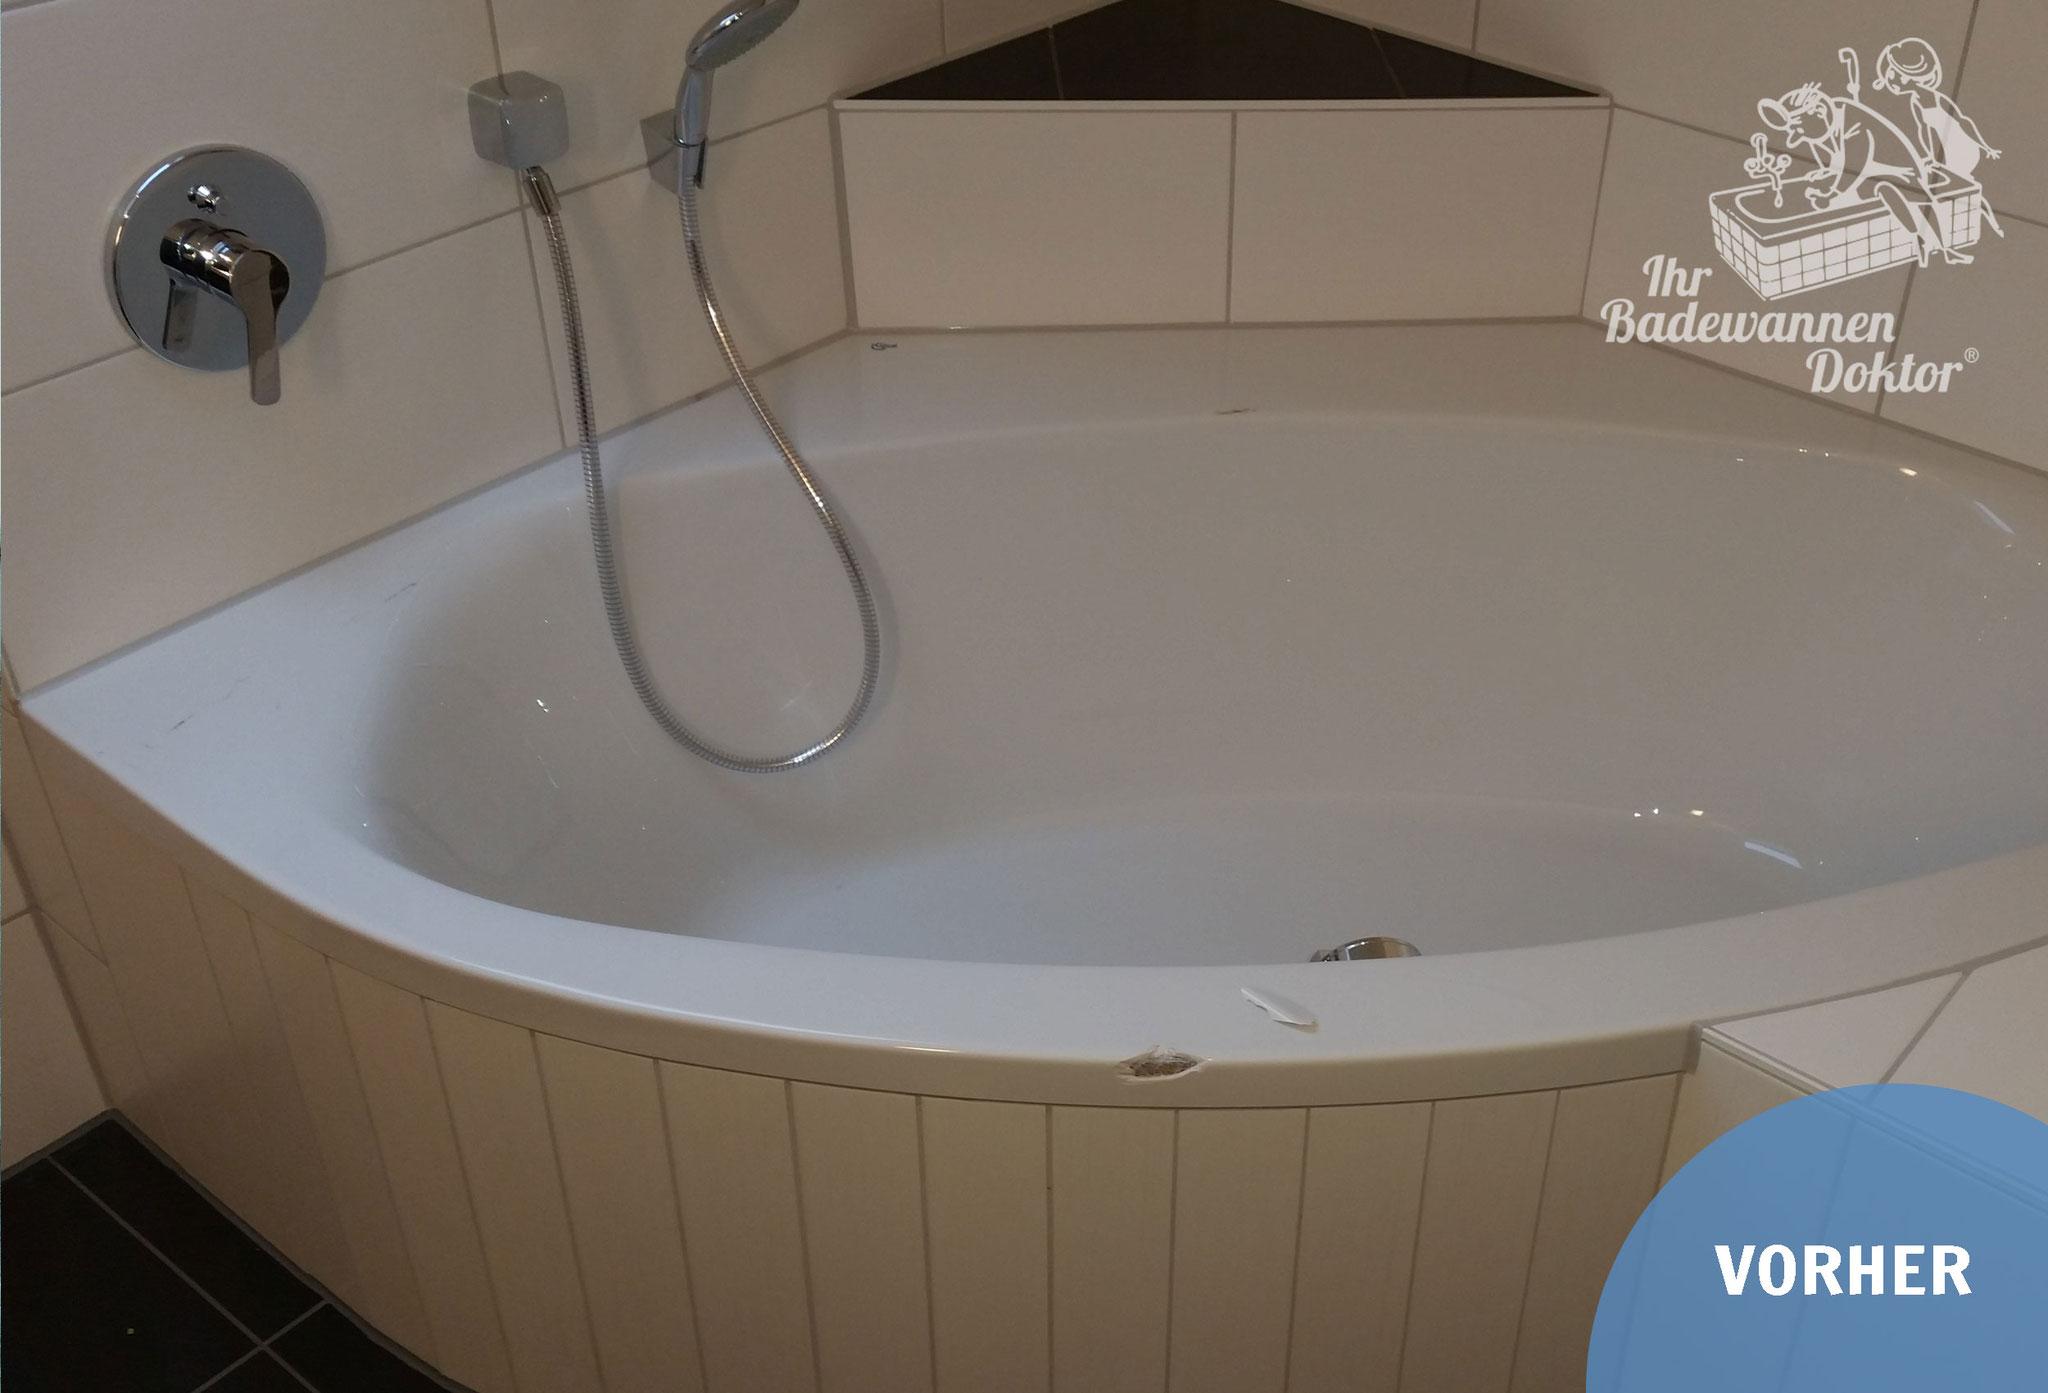 Wellnesskur Macht Die Wanne Wieder Schick Ihr Badewannendoktor In Hessen Das Original Frankfurt Rhein Main Gebiet Ganz Hessen